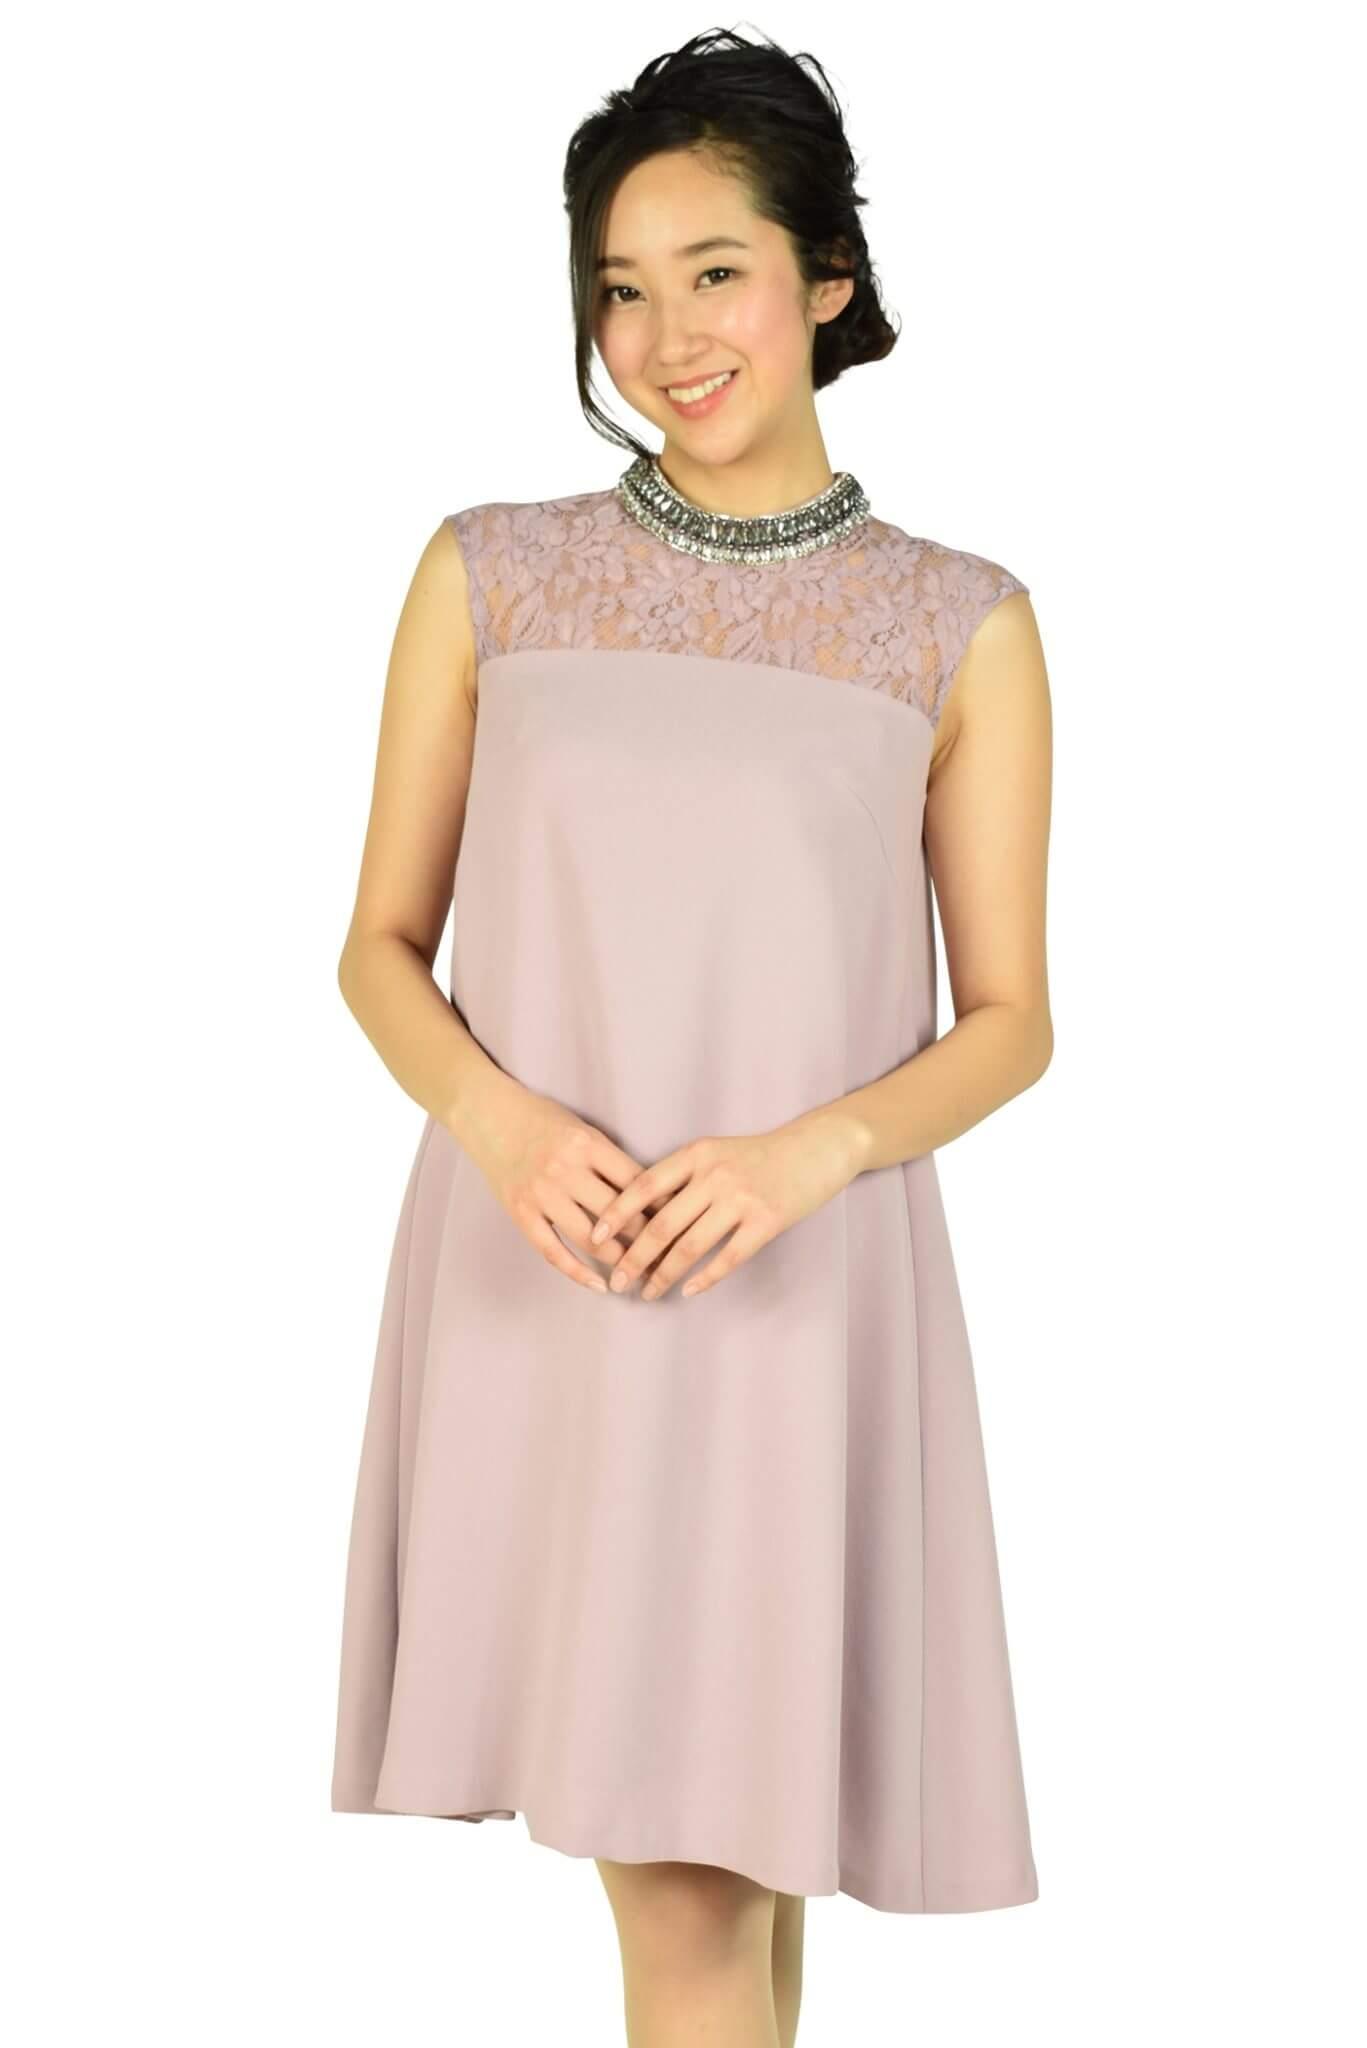 グレースコンチネンタル (GRACE CONTINENTAL)ネックビジュアッシュピンクドレス